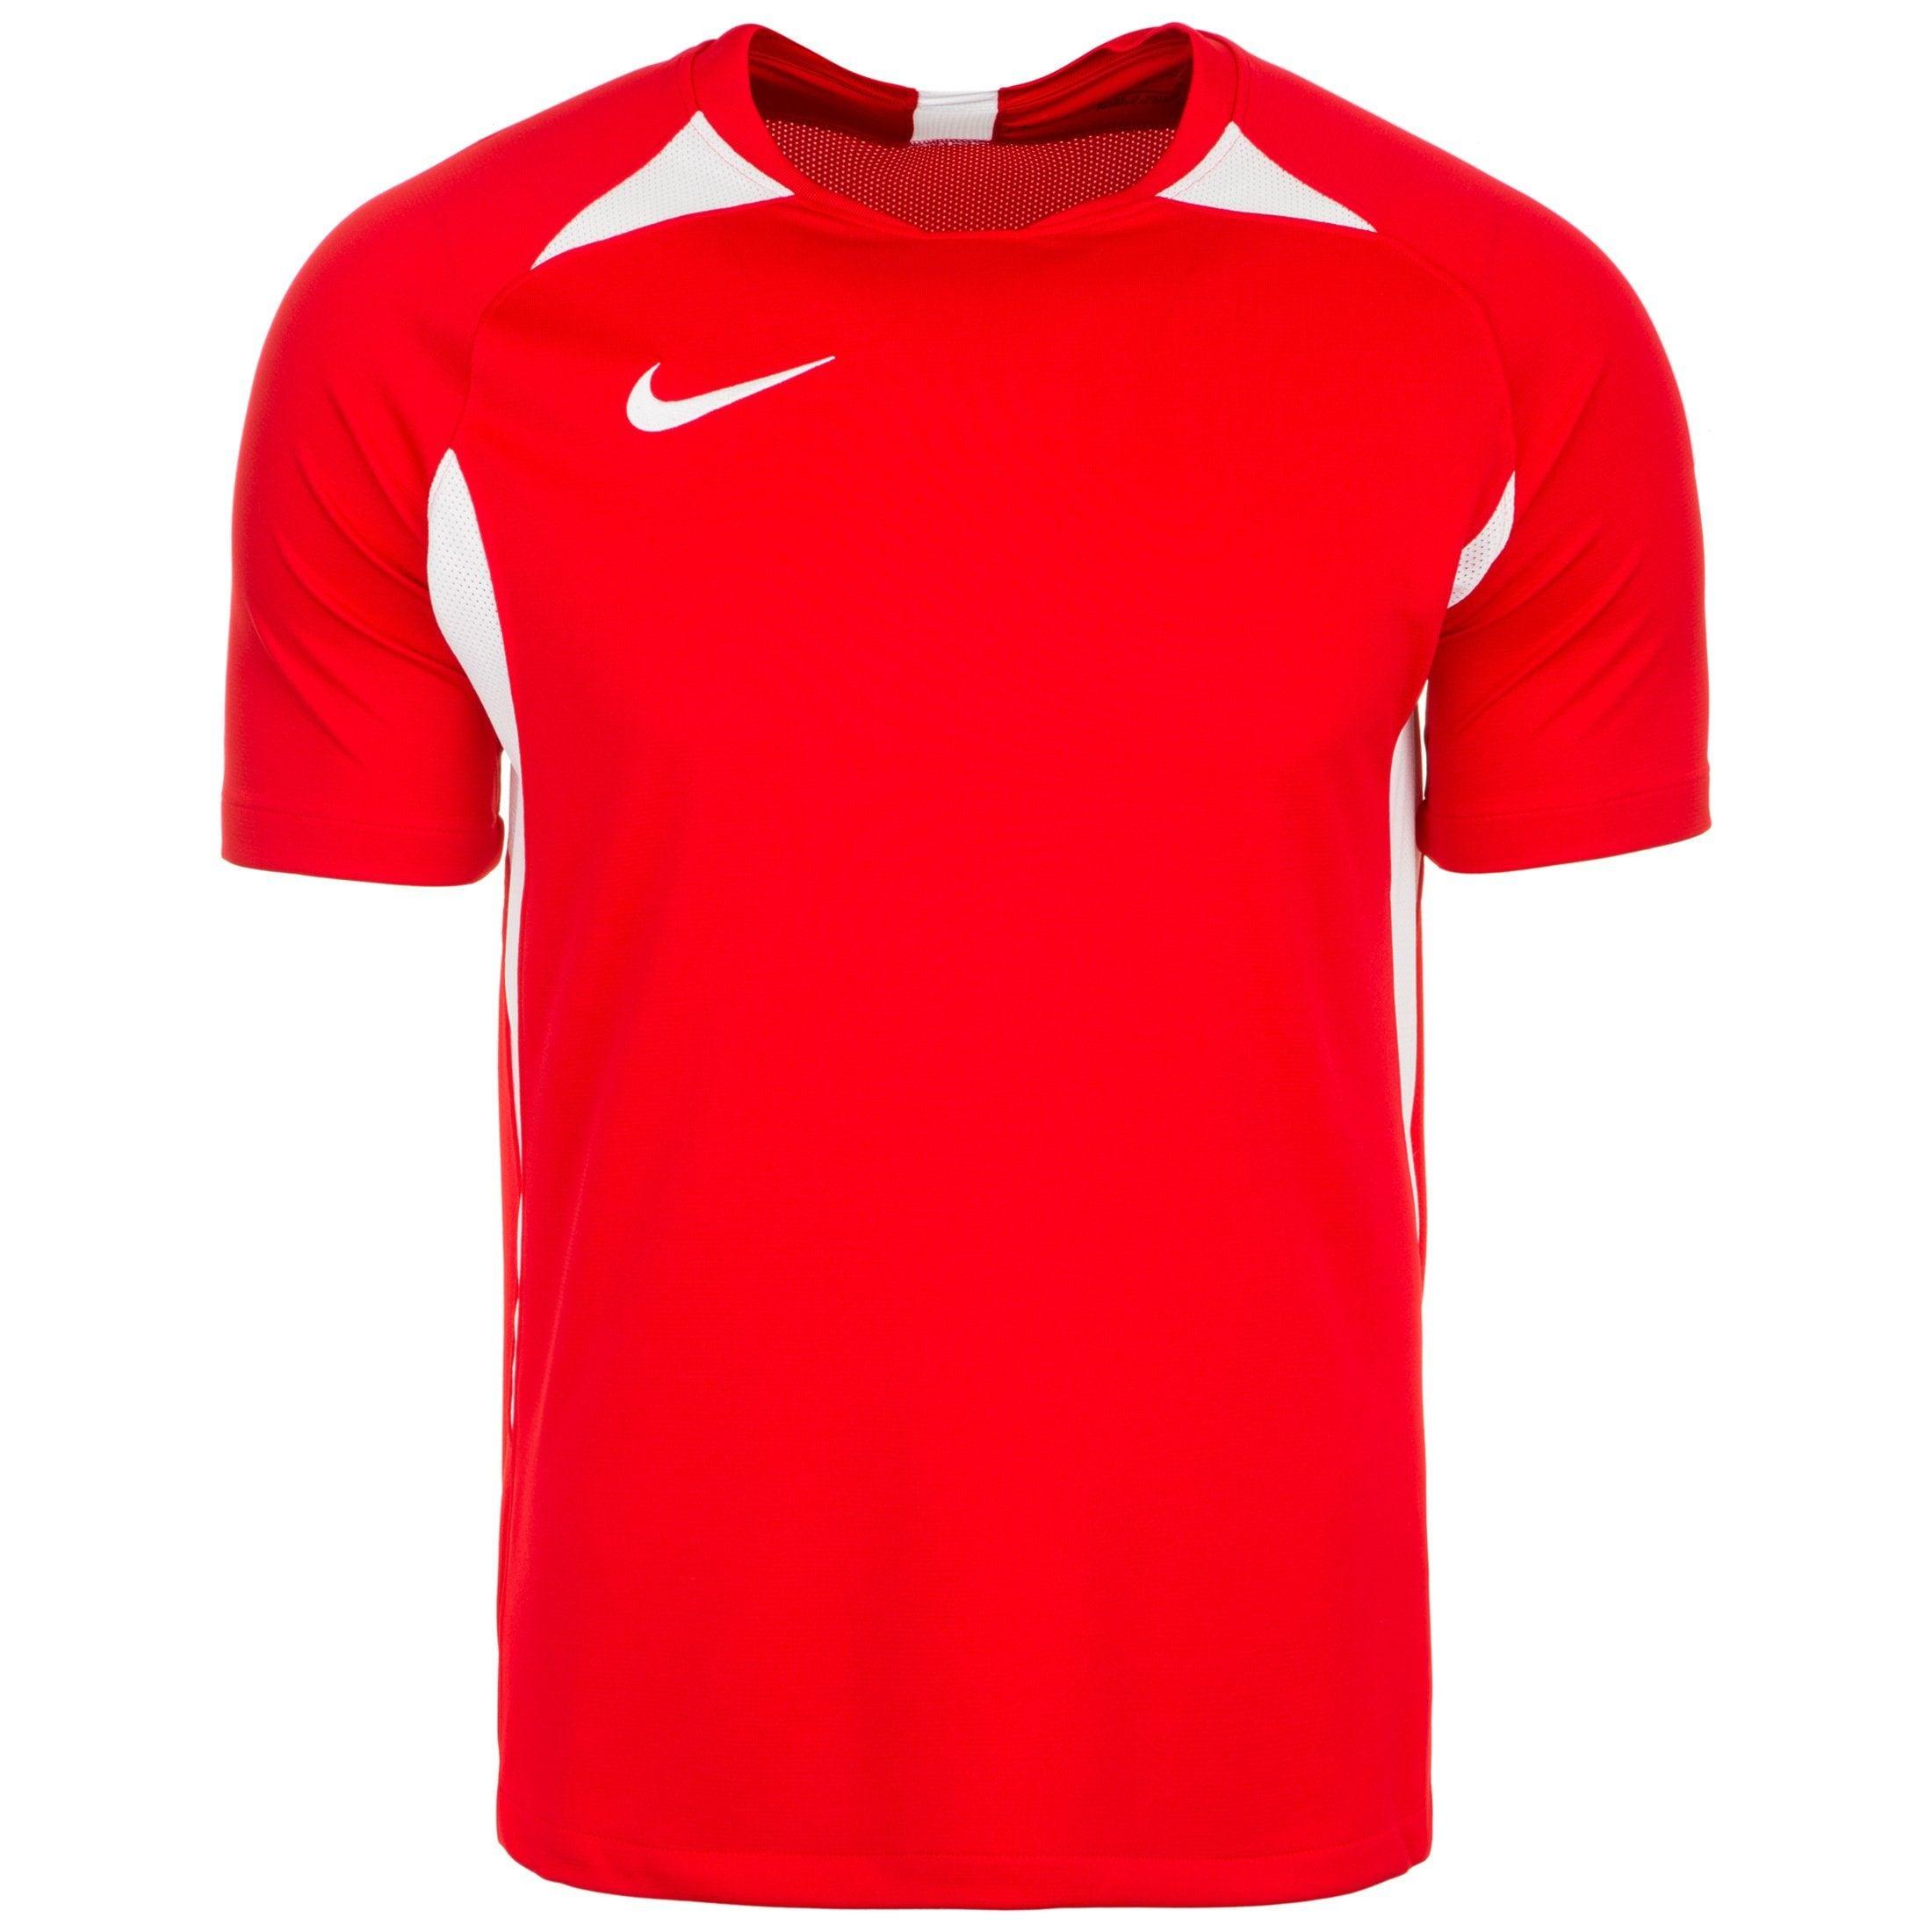 Nike Fußballtrikot Dri-fit Striker V | Sportbekleidung > Trikots | Rot | Ab - Trikot | Nike